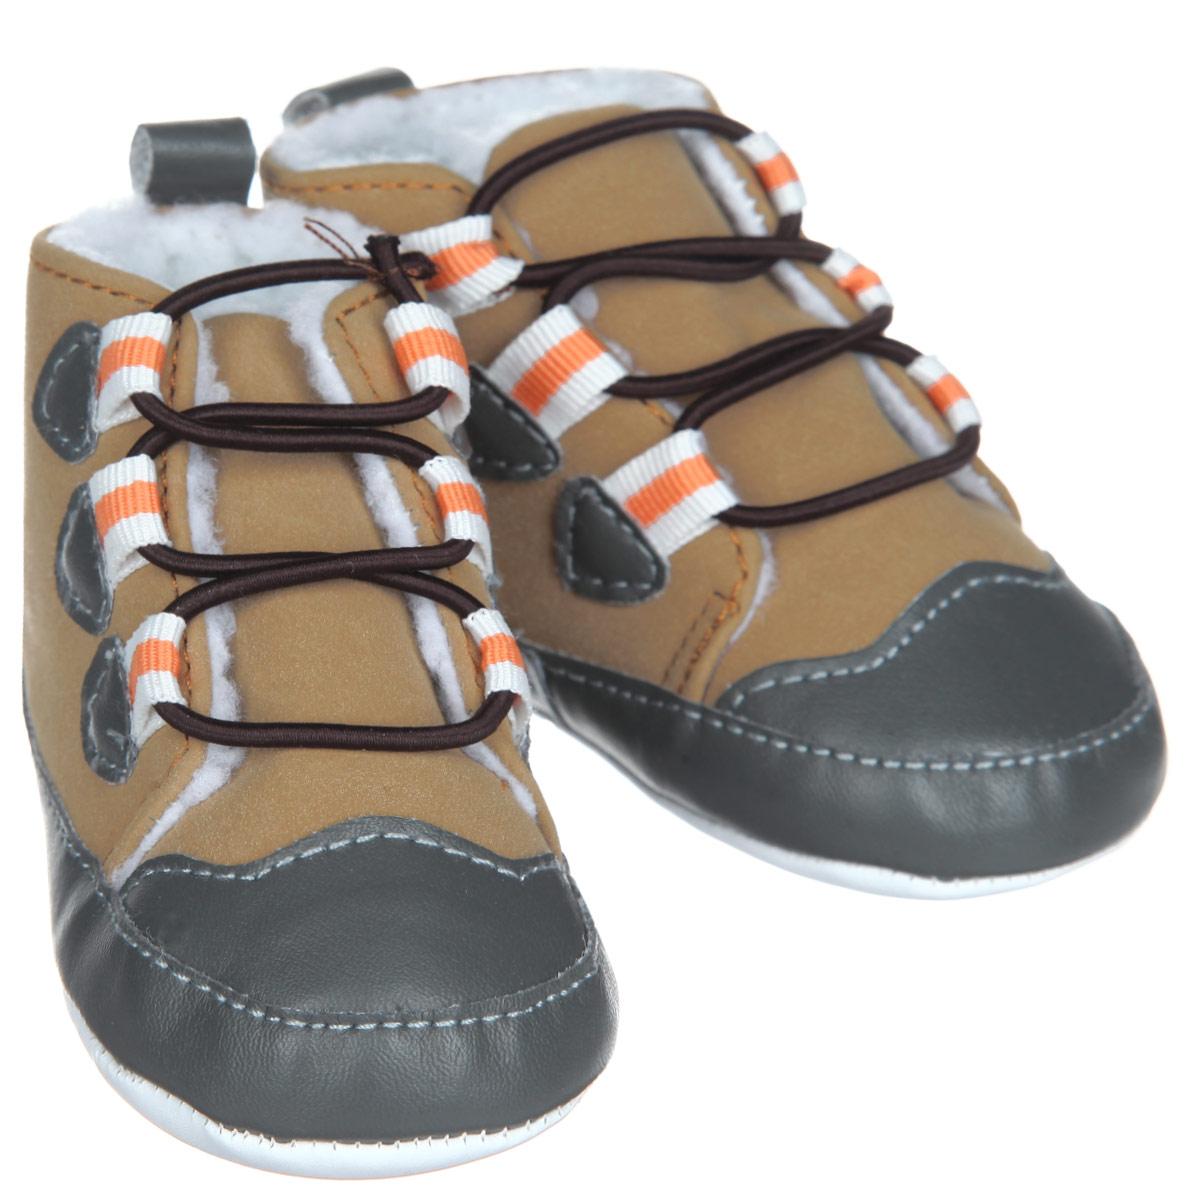 Пинетки для мальчика Luvable Friends Теплые ботинки, цвет: бежевый, серый, оранжевый. 11784. Размер 0/6 месяцев11784Стильные пинетки для мальчика Luvable Friends Теплые ботинки отлично подойдут для носки в прохладную погоду. Изделие выполнено из искусственной замши. В качестве подкладки используется искусственная шерсть - шерпа, которая сохранит ножки ребенка в тепле.Модель дополнена эластичной шнуровкой, надежно фиксирующей пинетки на ножке младенца. На стопе предусмотрен прорезиненный рельефный рисунок, благодаря которому ребенок не будет скользить.Мягкие, не сдавливающие ножку материалы делают модель практичной и популярной. Такие пинетки - отличное решение для малышей и их родителей!